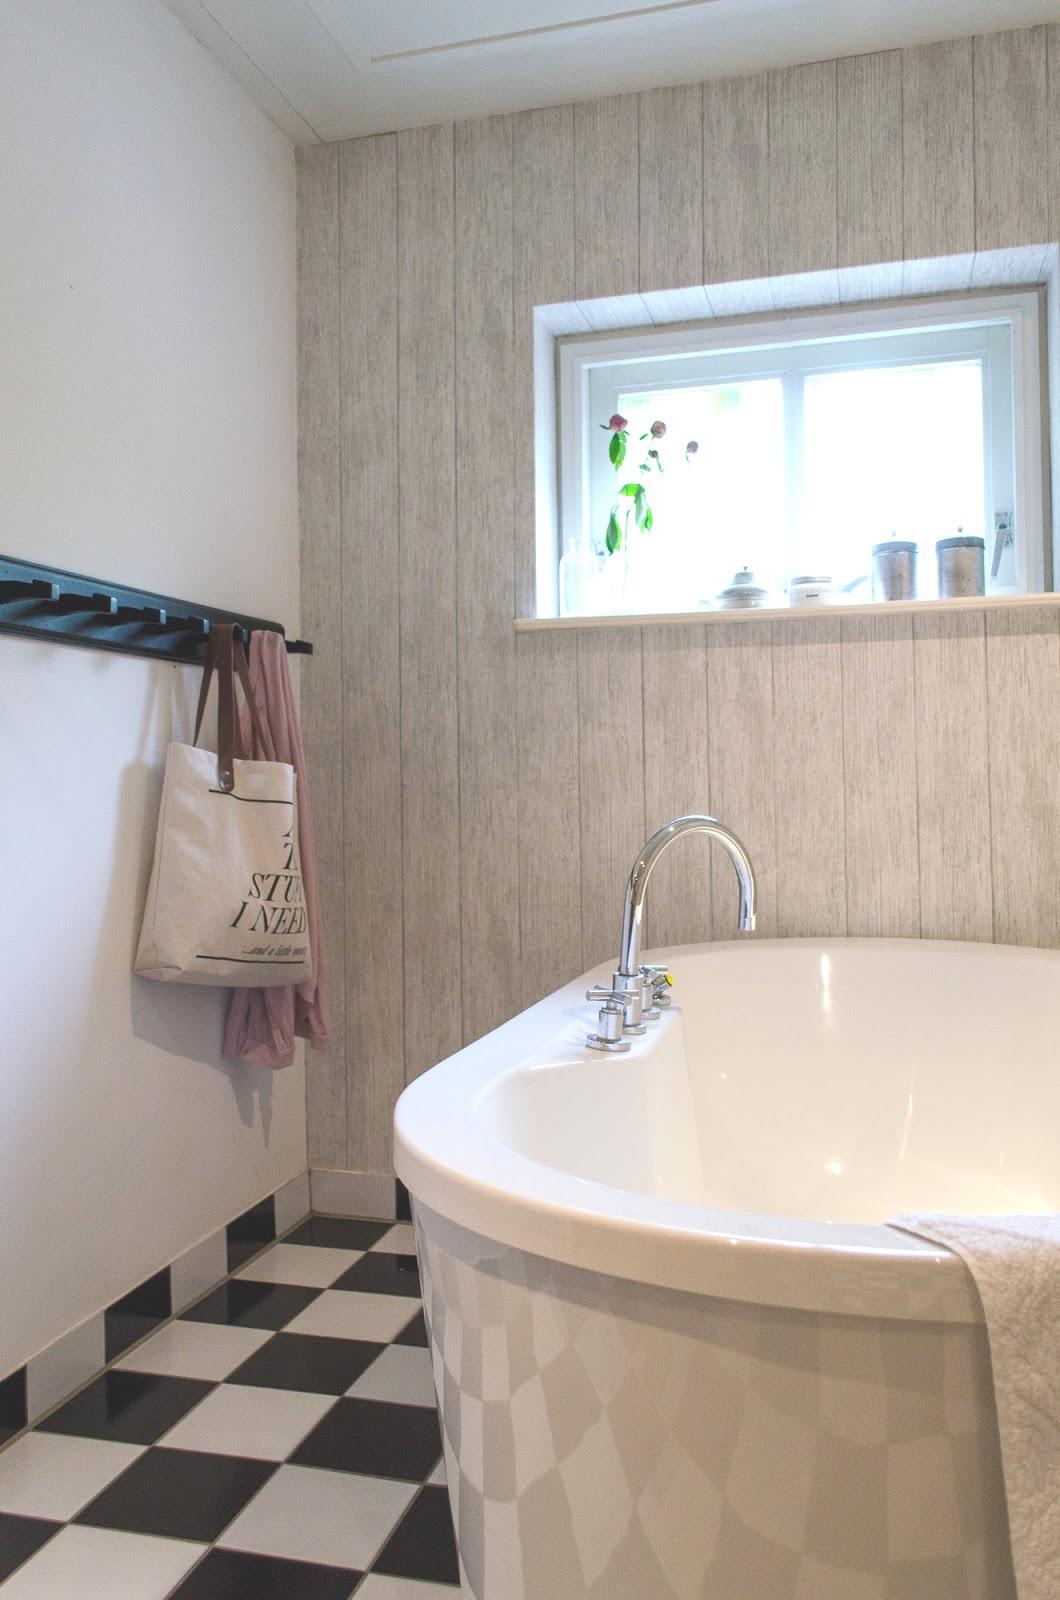 mignon : behangen op de badkamer!?, Badkamer